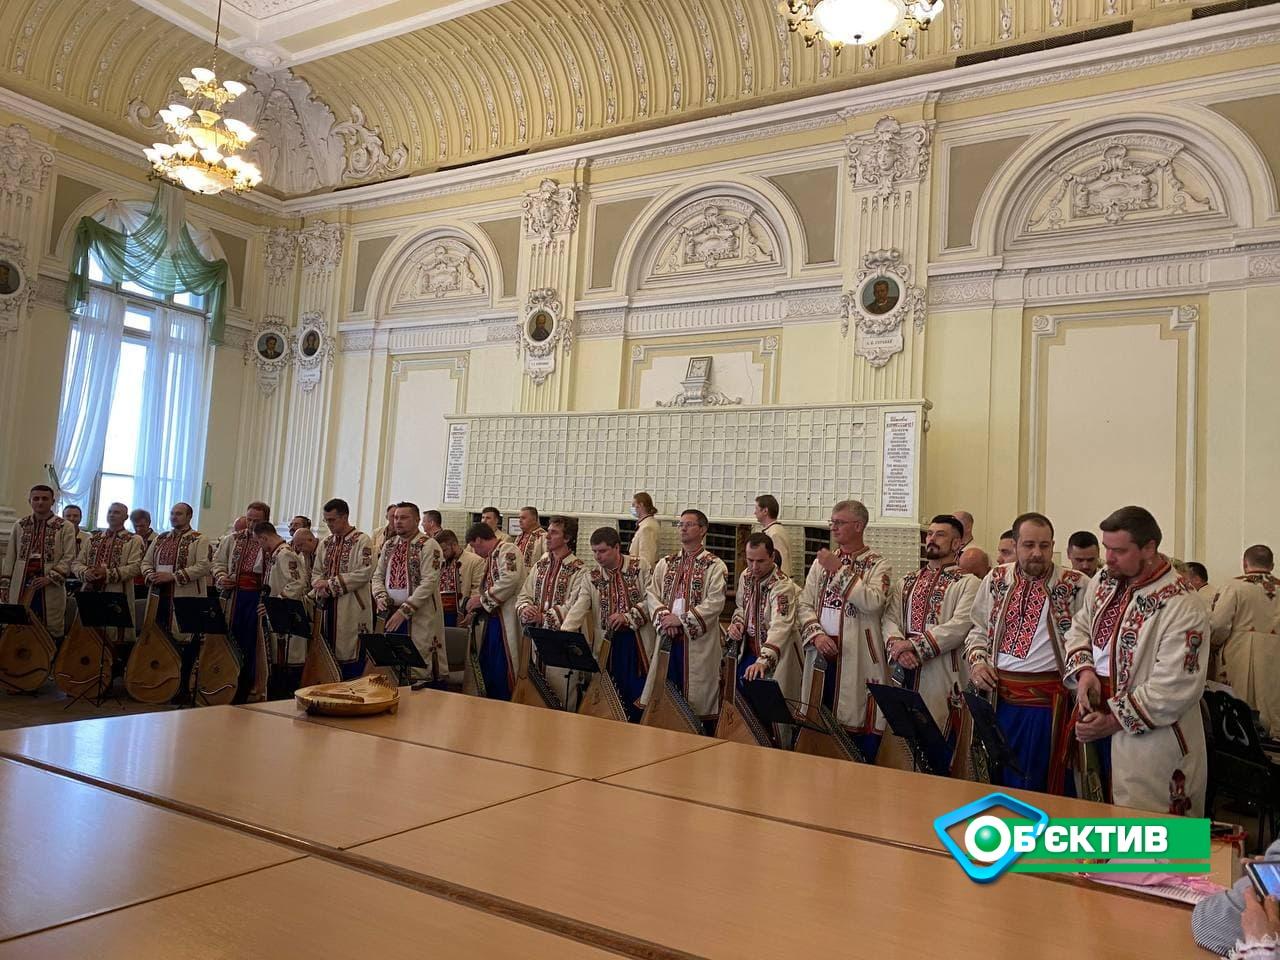 В Харькове стартовал 10 Всеукраинский конкурс бандуристов